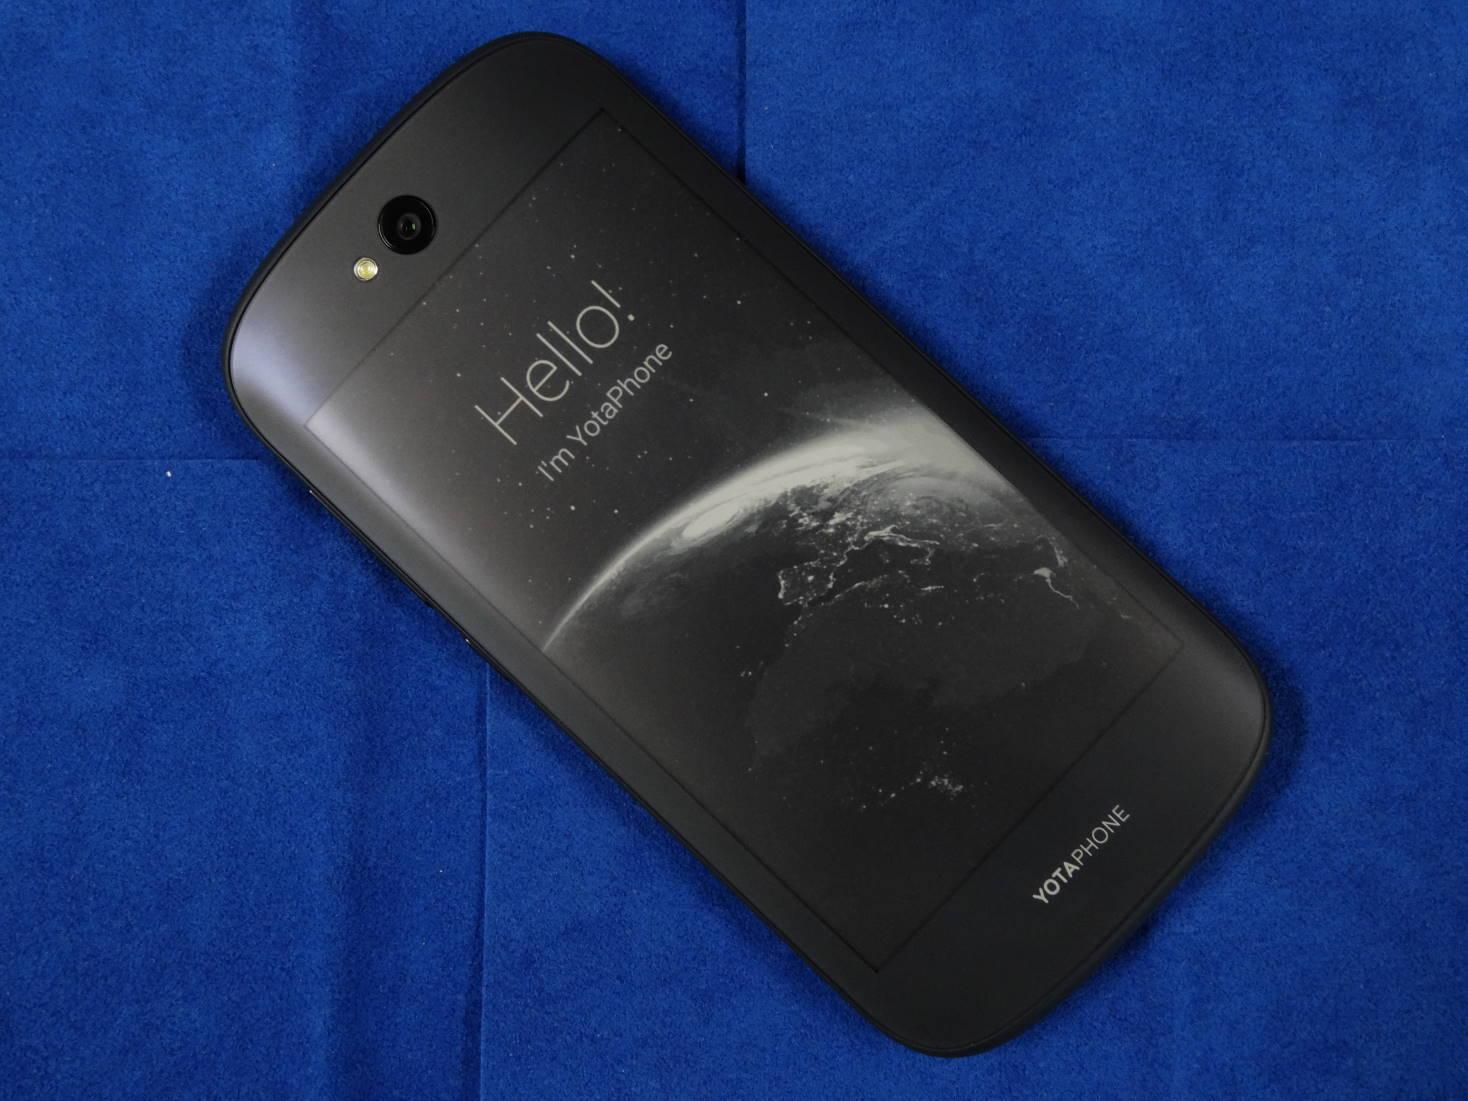 ロシア発のスマートフォン YOTAPHONE 2の保護シート!(OverLay)